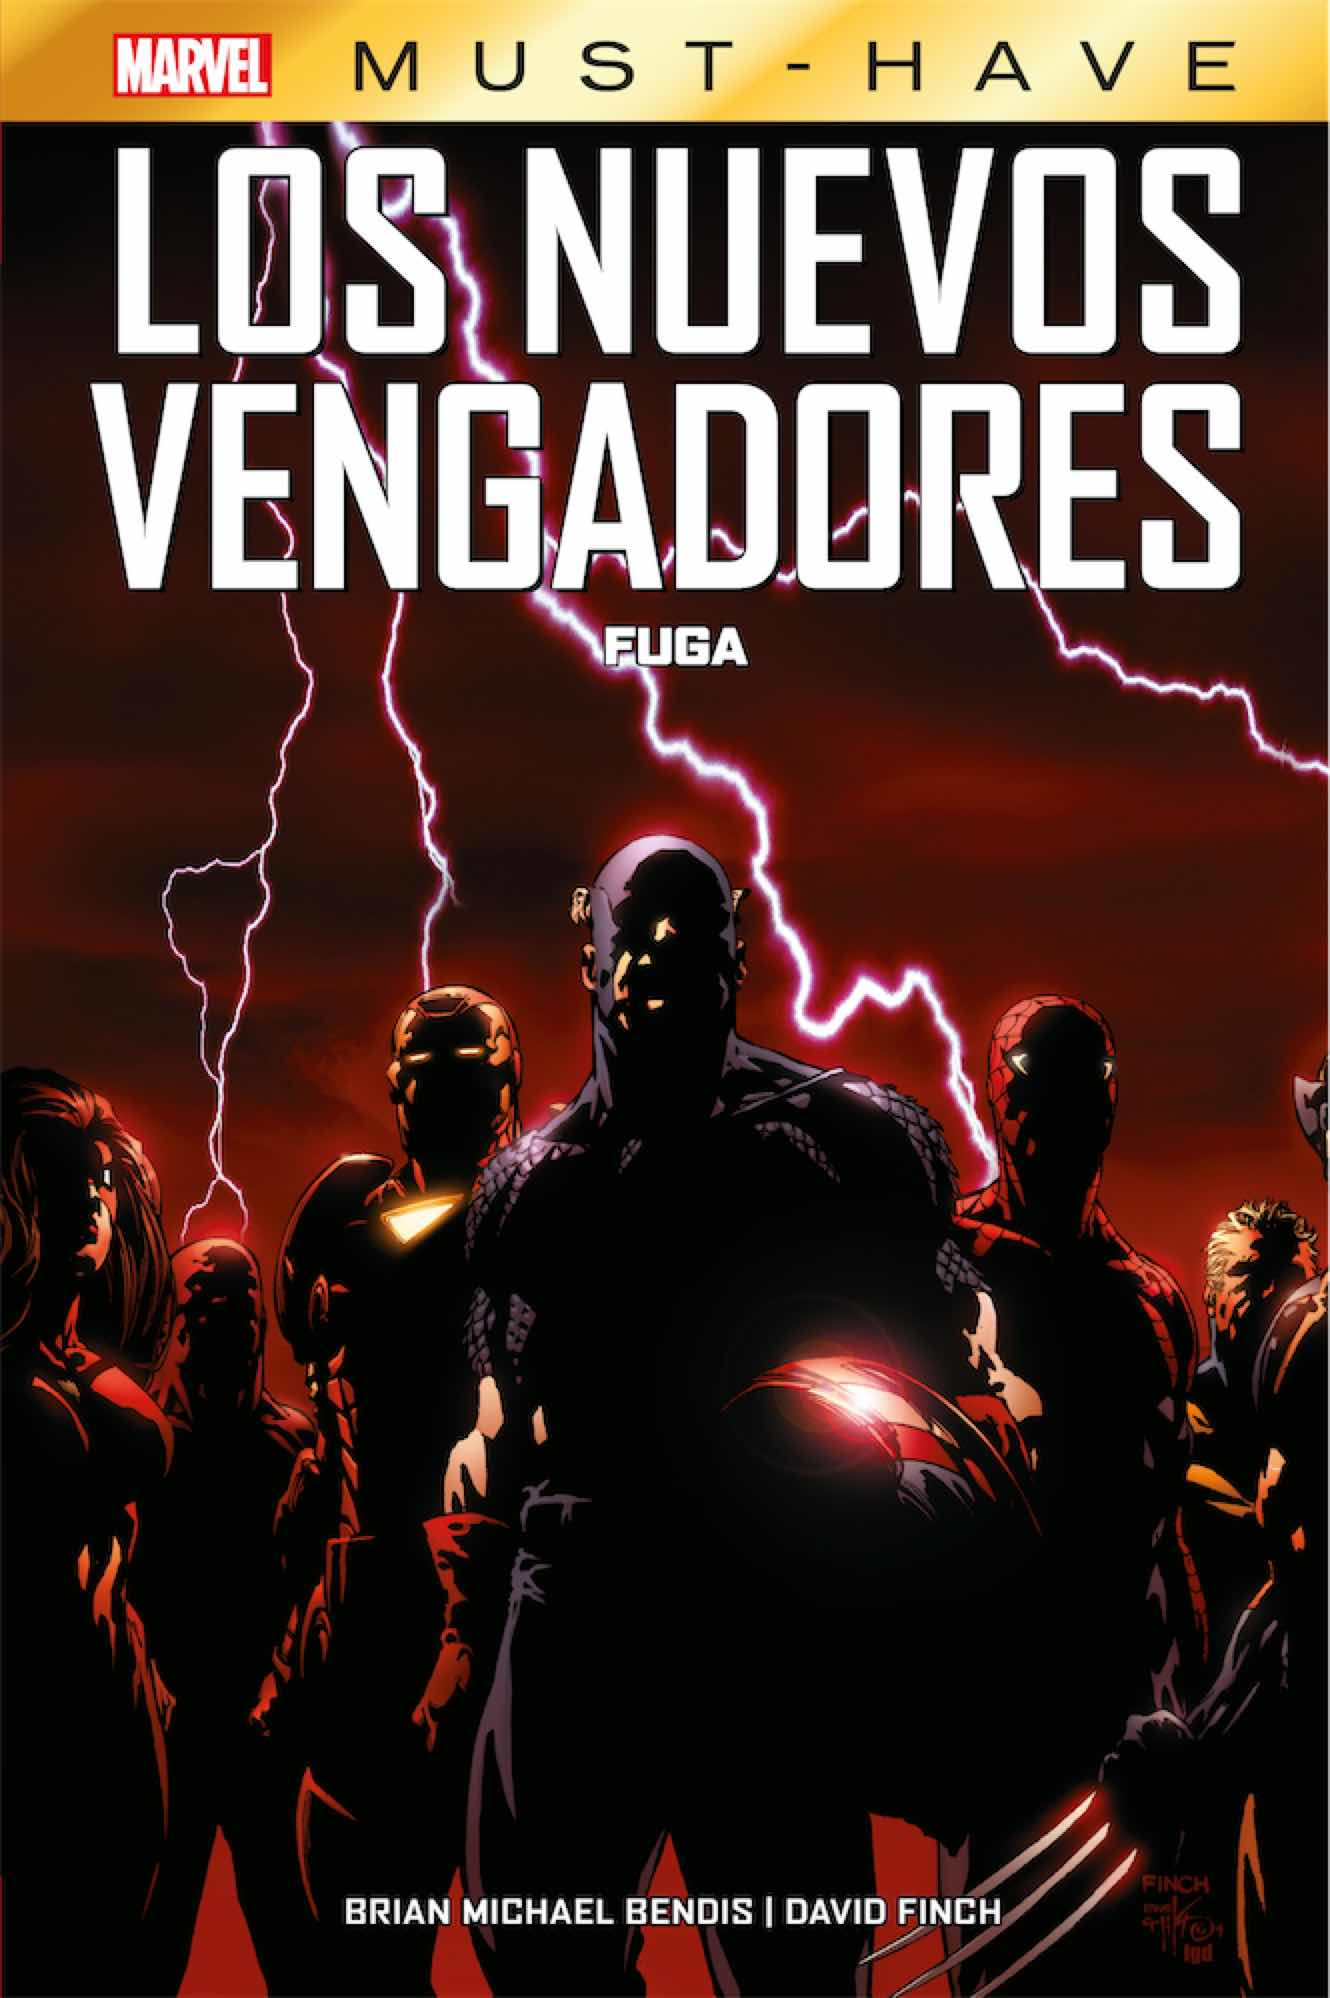 MARVEL MUST-HAVE. LOS NUEVOS VENGADORES 01. FUGA